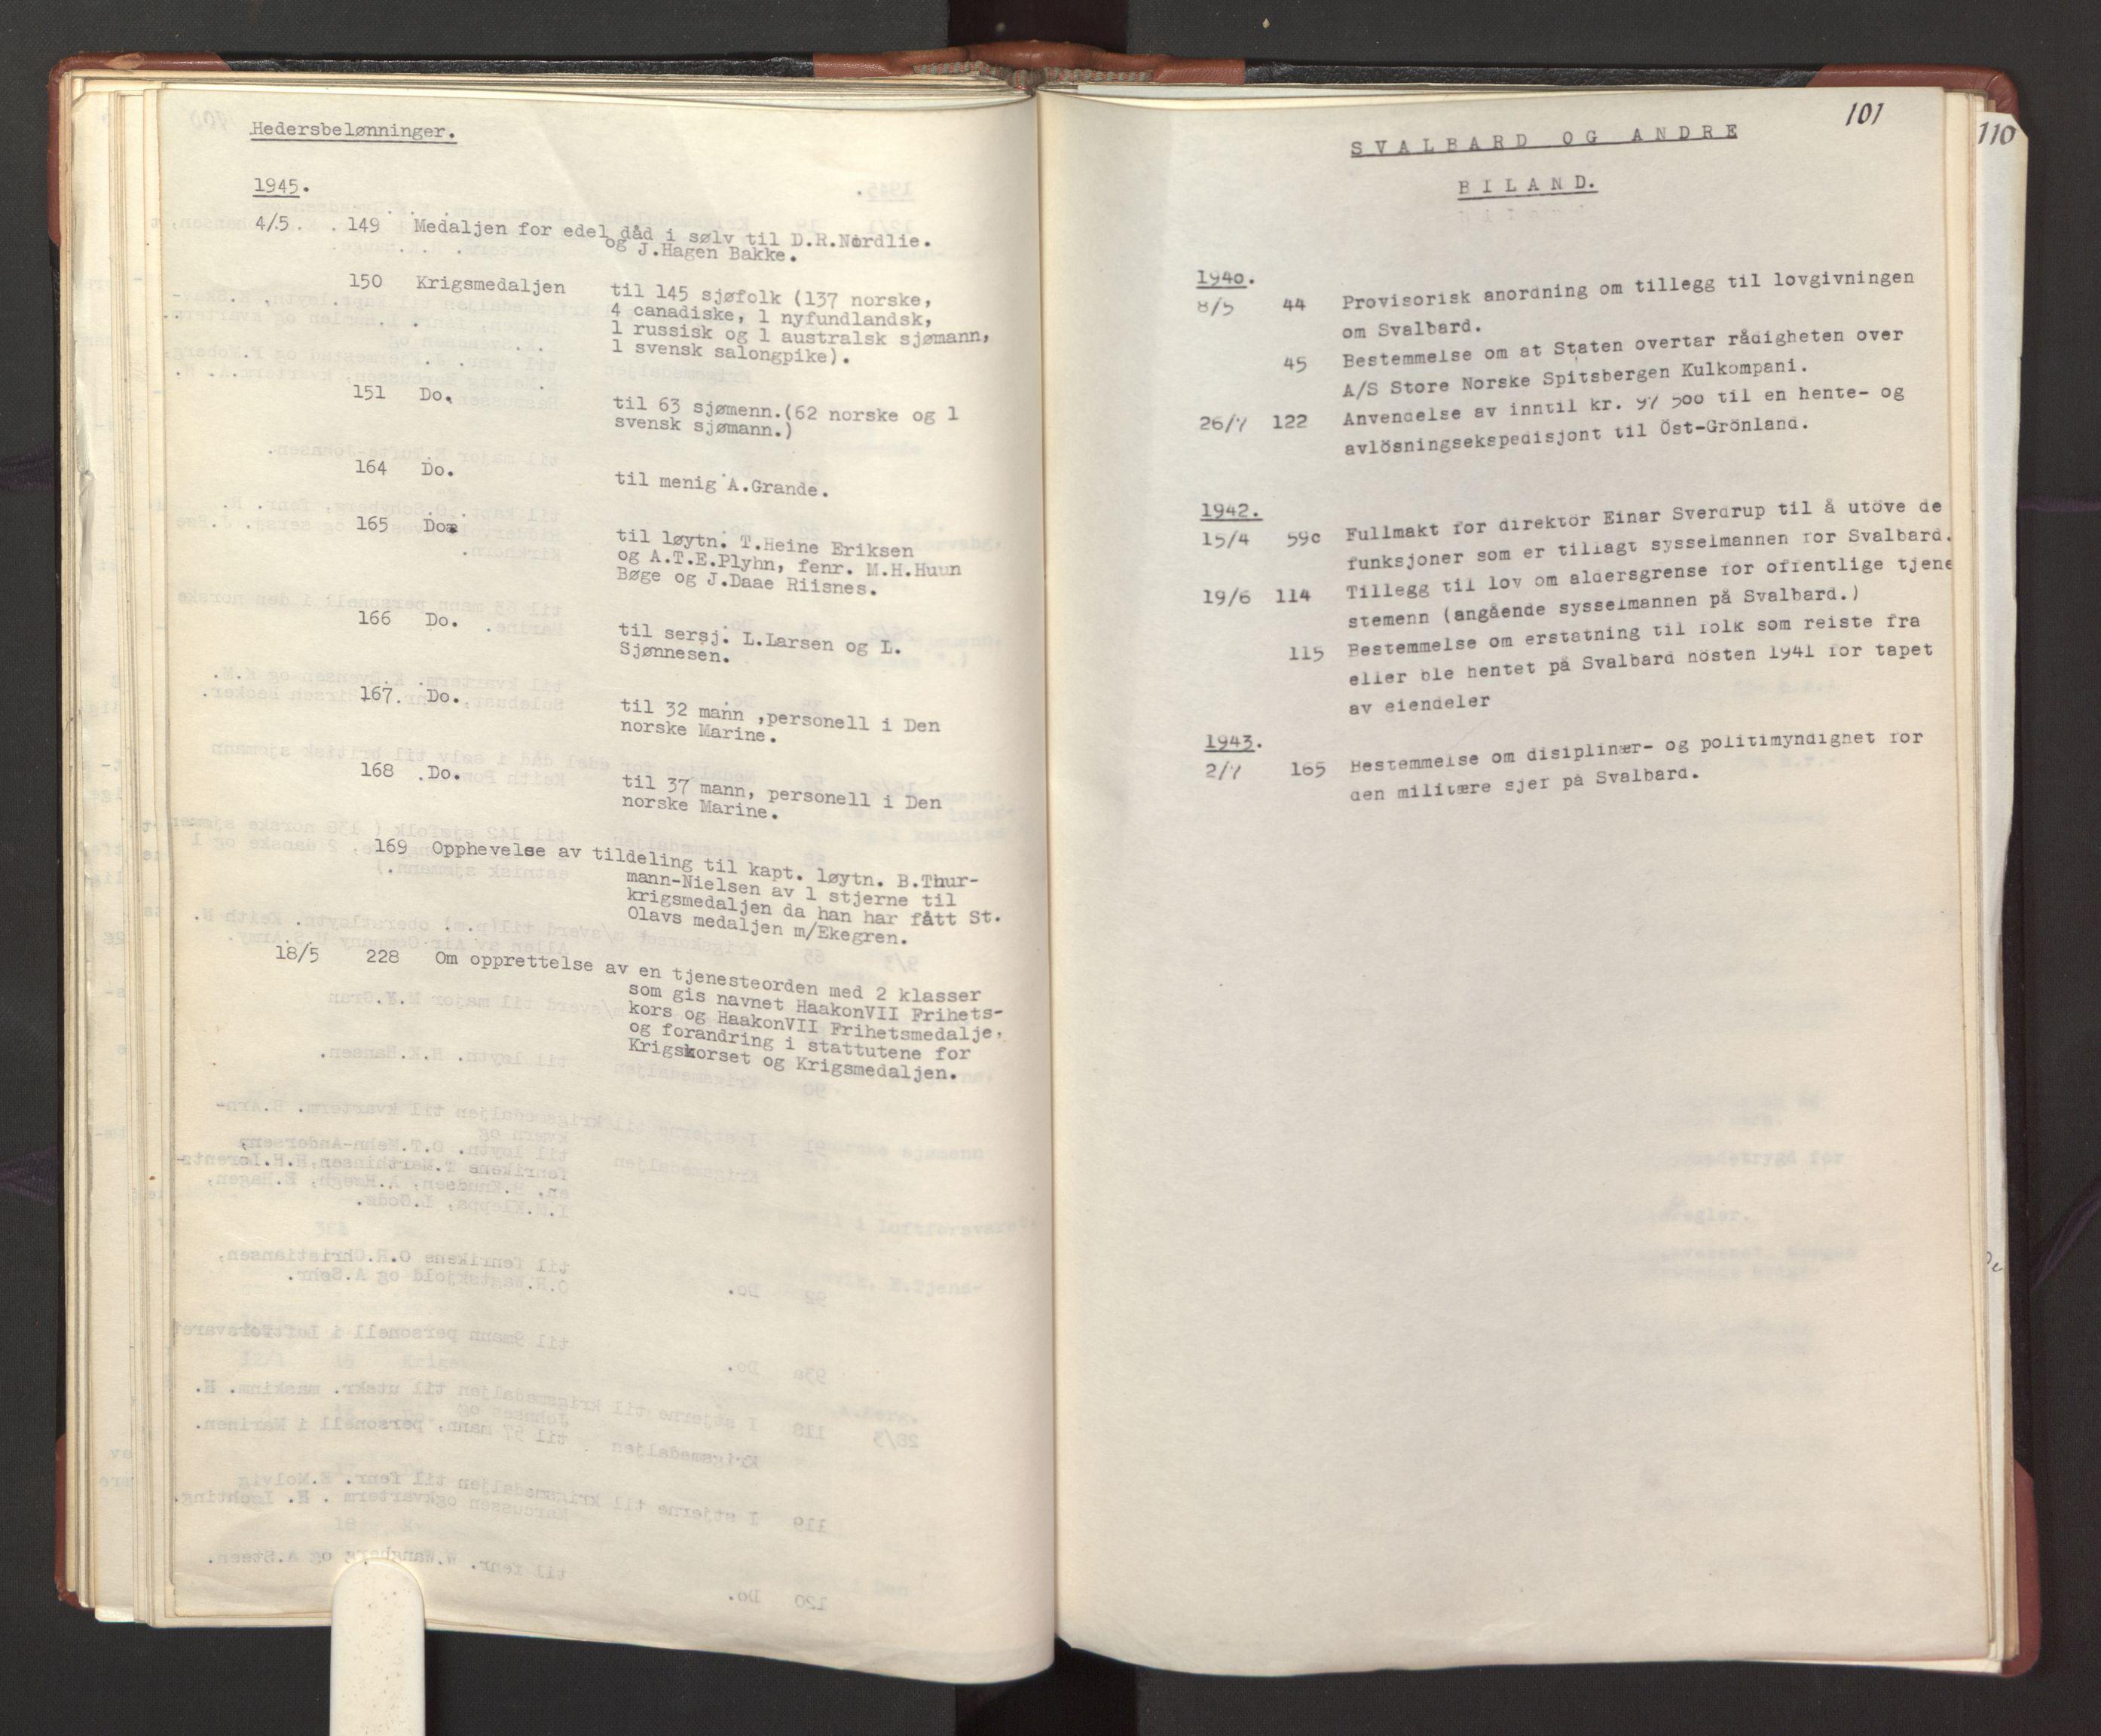 RA, Statsrådssekretariatet, A/Ac/L0127: Register 9/4-25/5, 1940-1945, s. 101